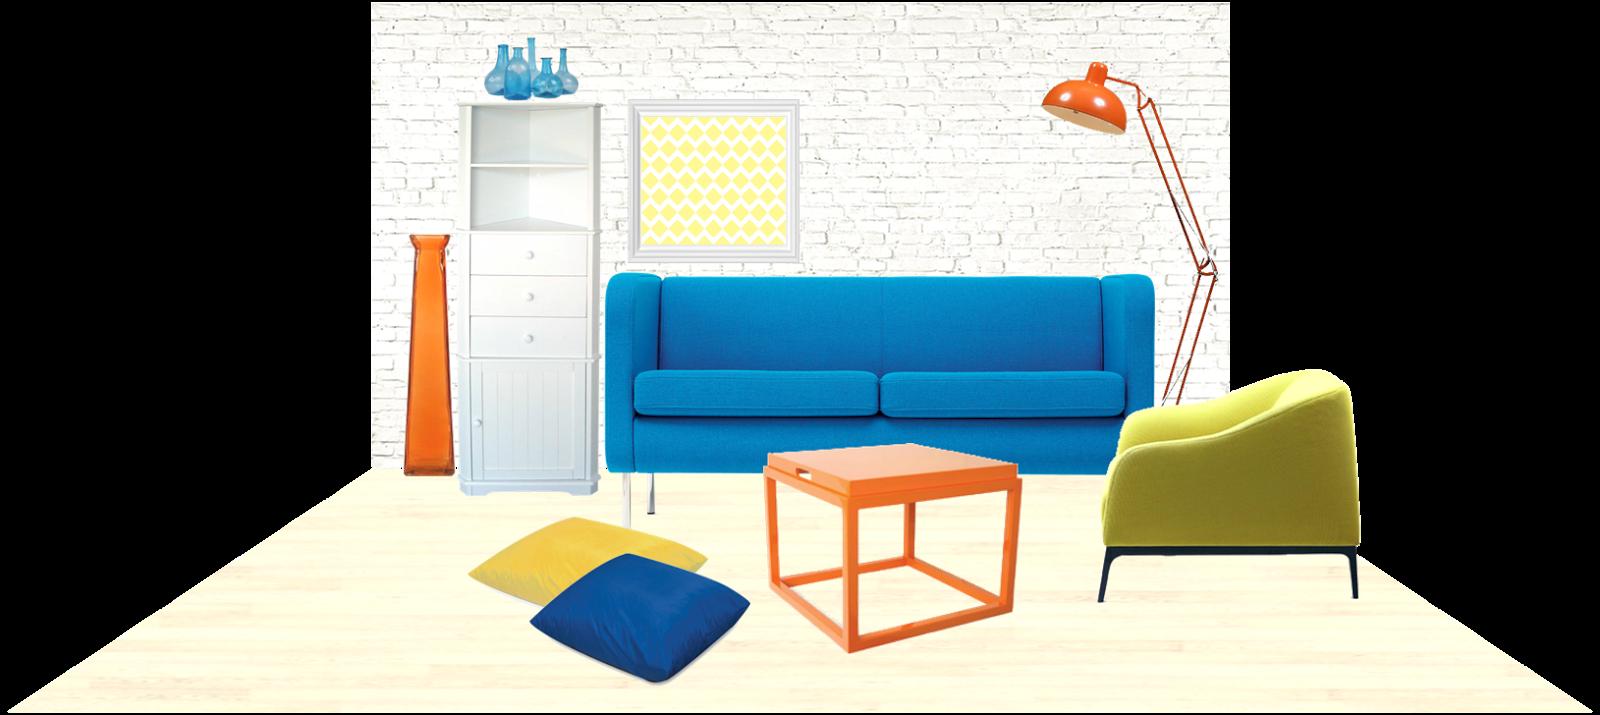 Quirk It Design_color block decor_orange-blue-yellow-white-moodboard_DIY_Quirky_Home_Decor